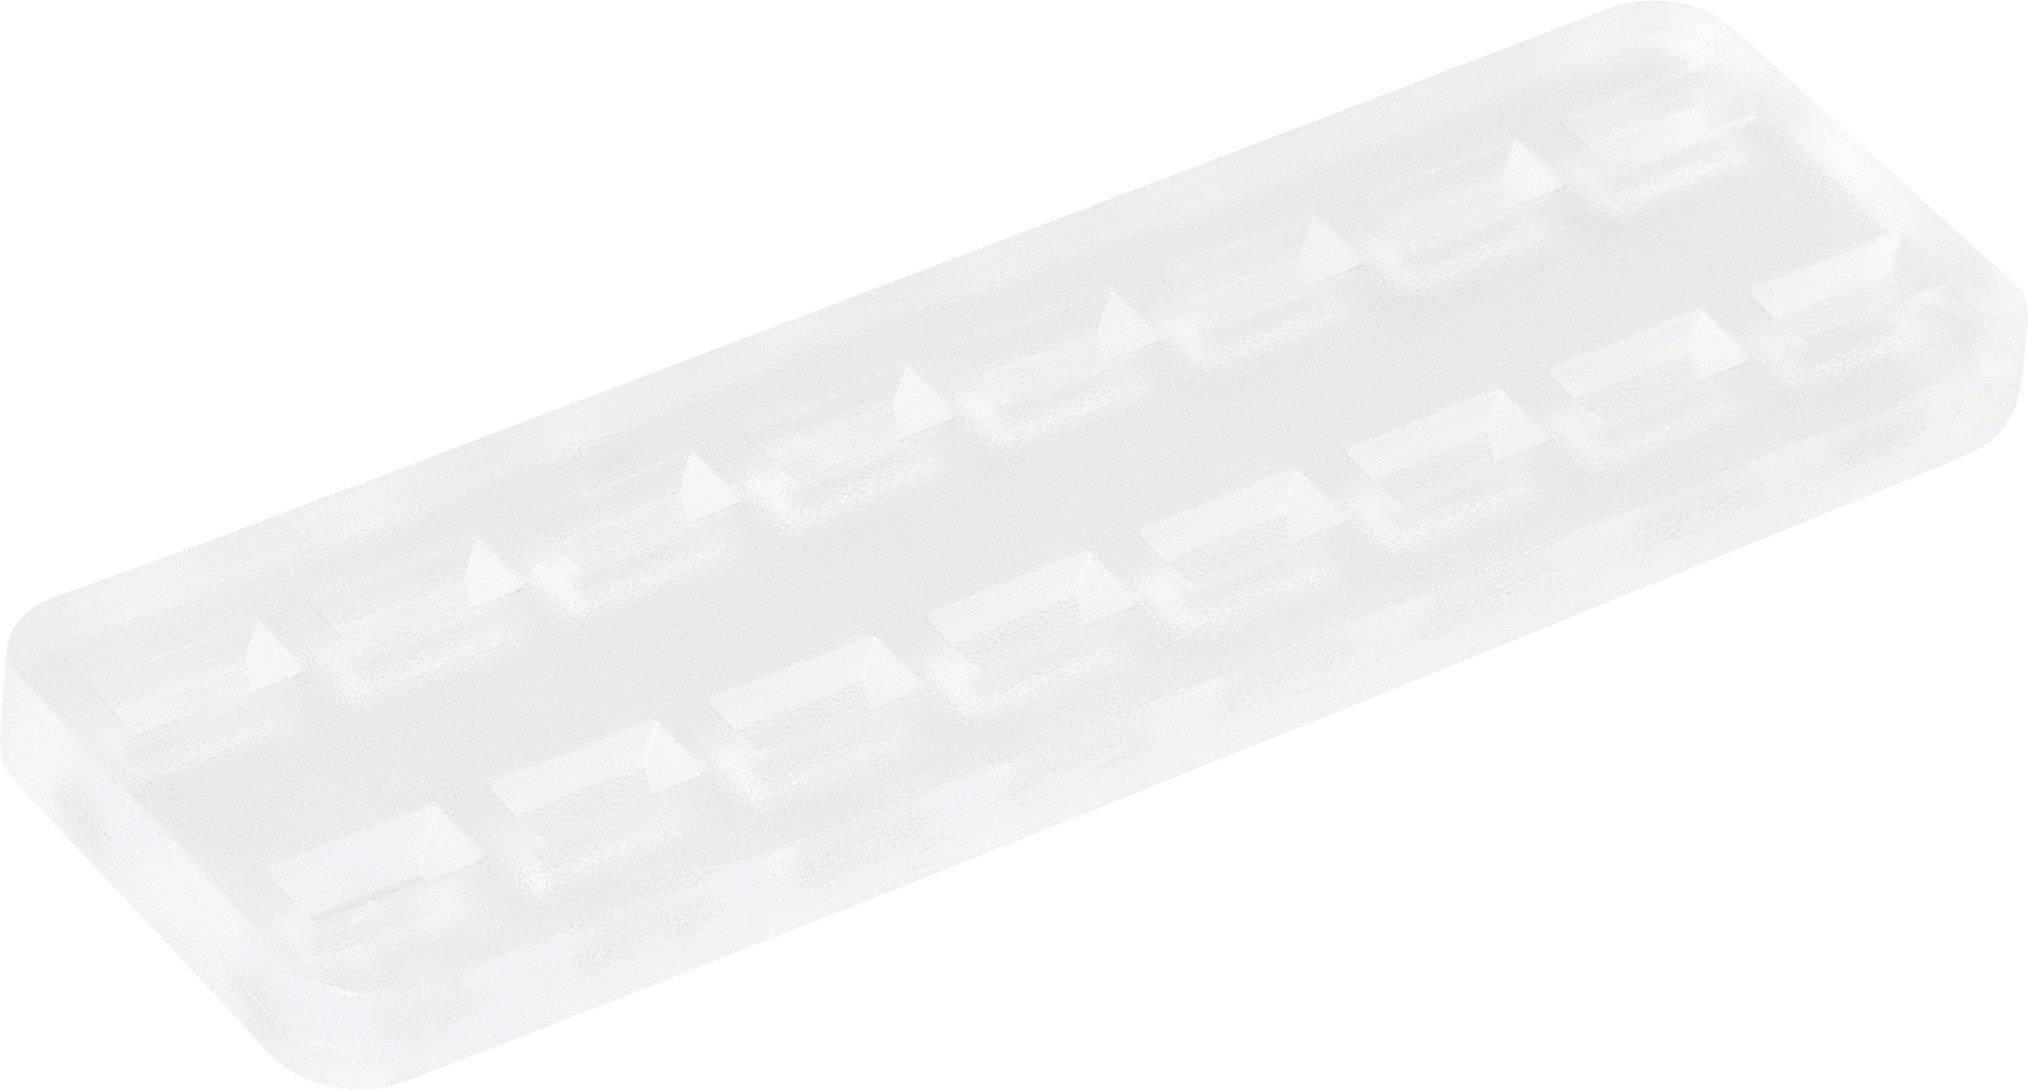 Těsnění pro J-P-T pouzdro TE Connectivity J-P-T (963213-1), přírodní